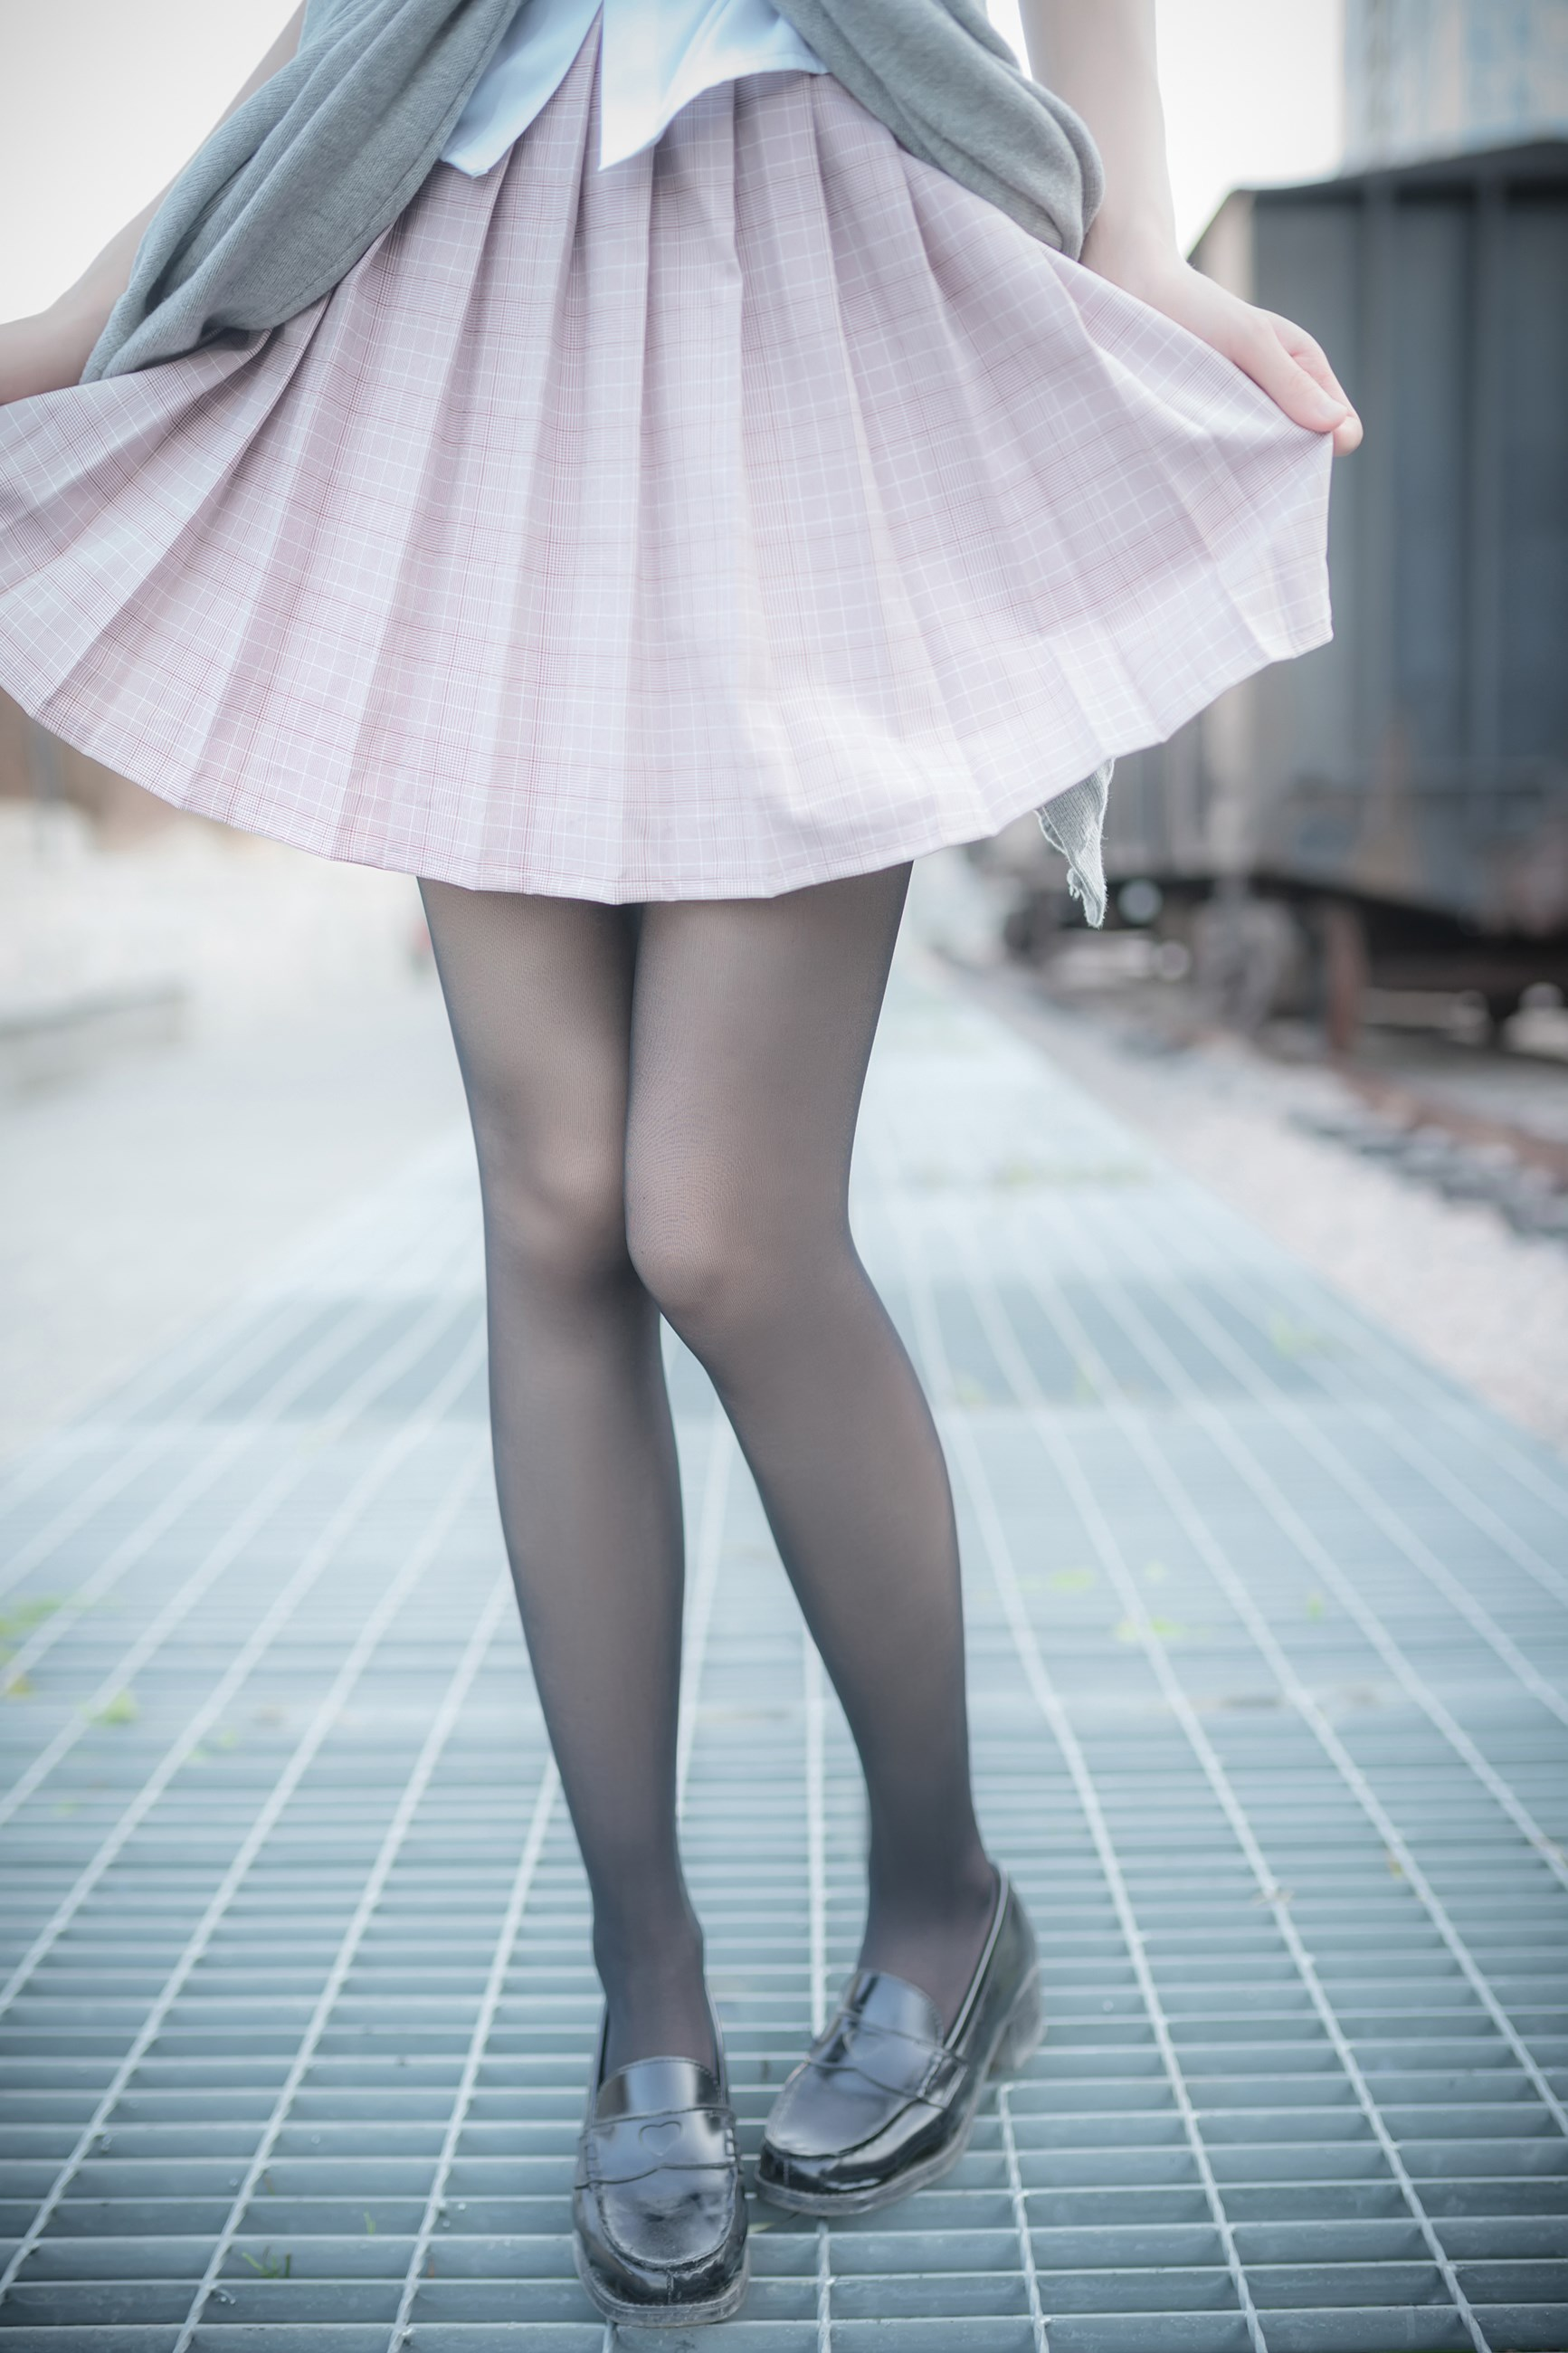 【兔玩映画】铁轨旁的小细腿 兔玩映画 第1张